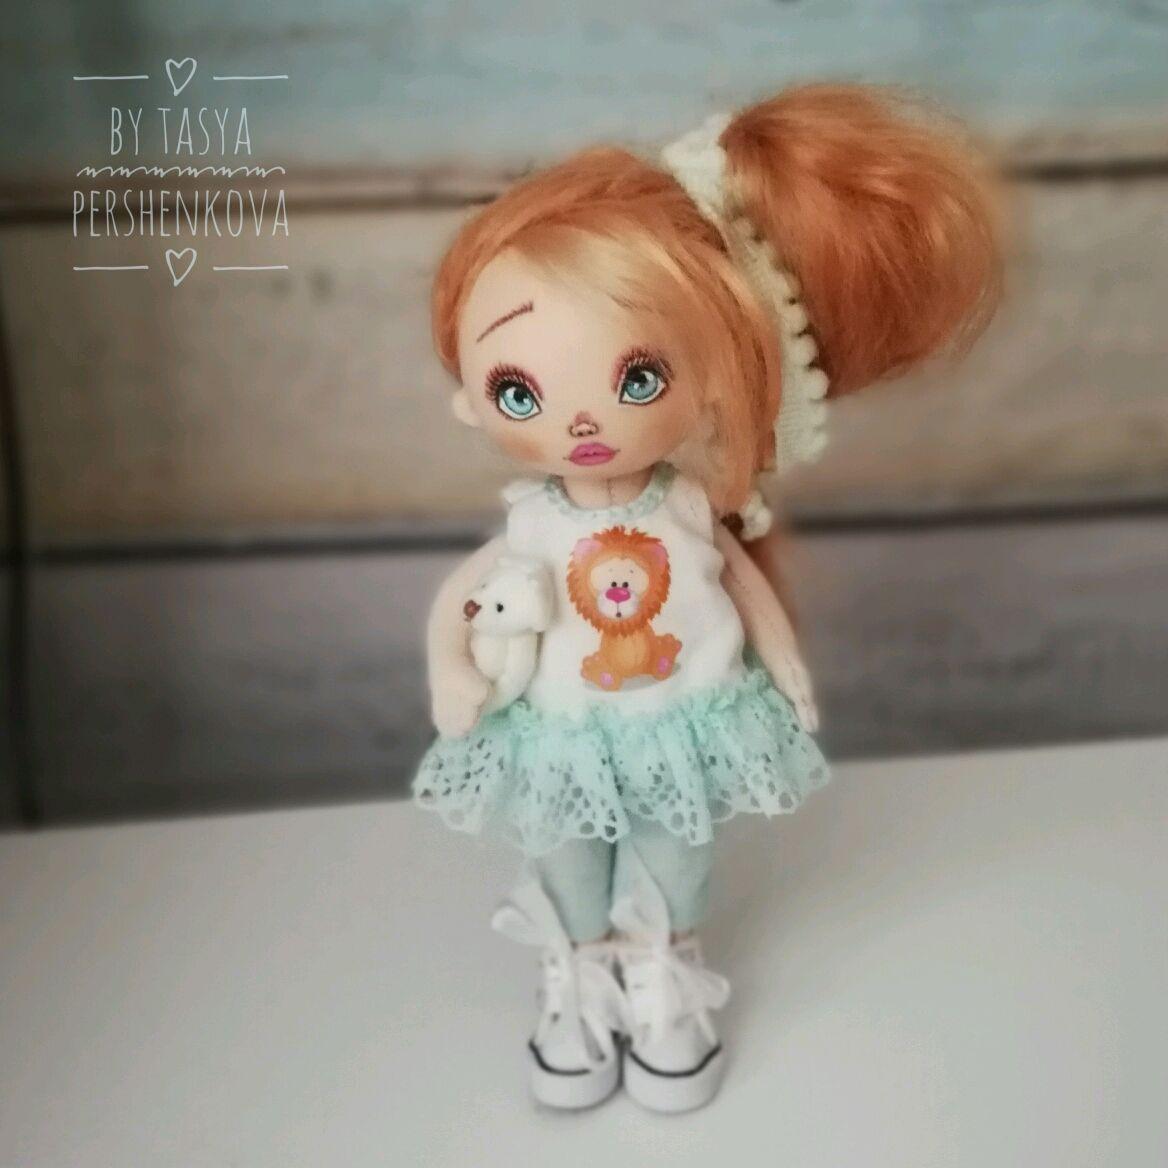 Куколка Алёнка текстильная интерьерная, Куклы и пупсы, Москва,  Фото №1